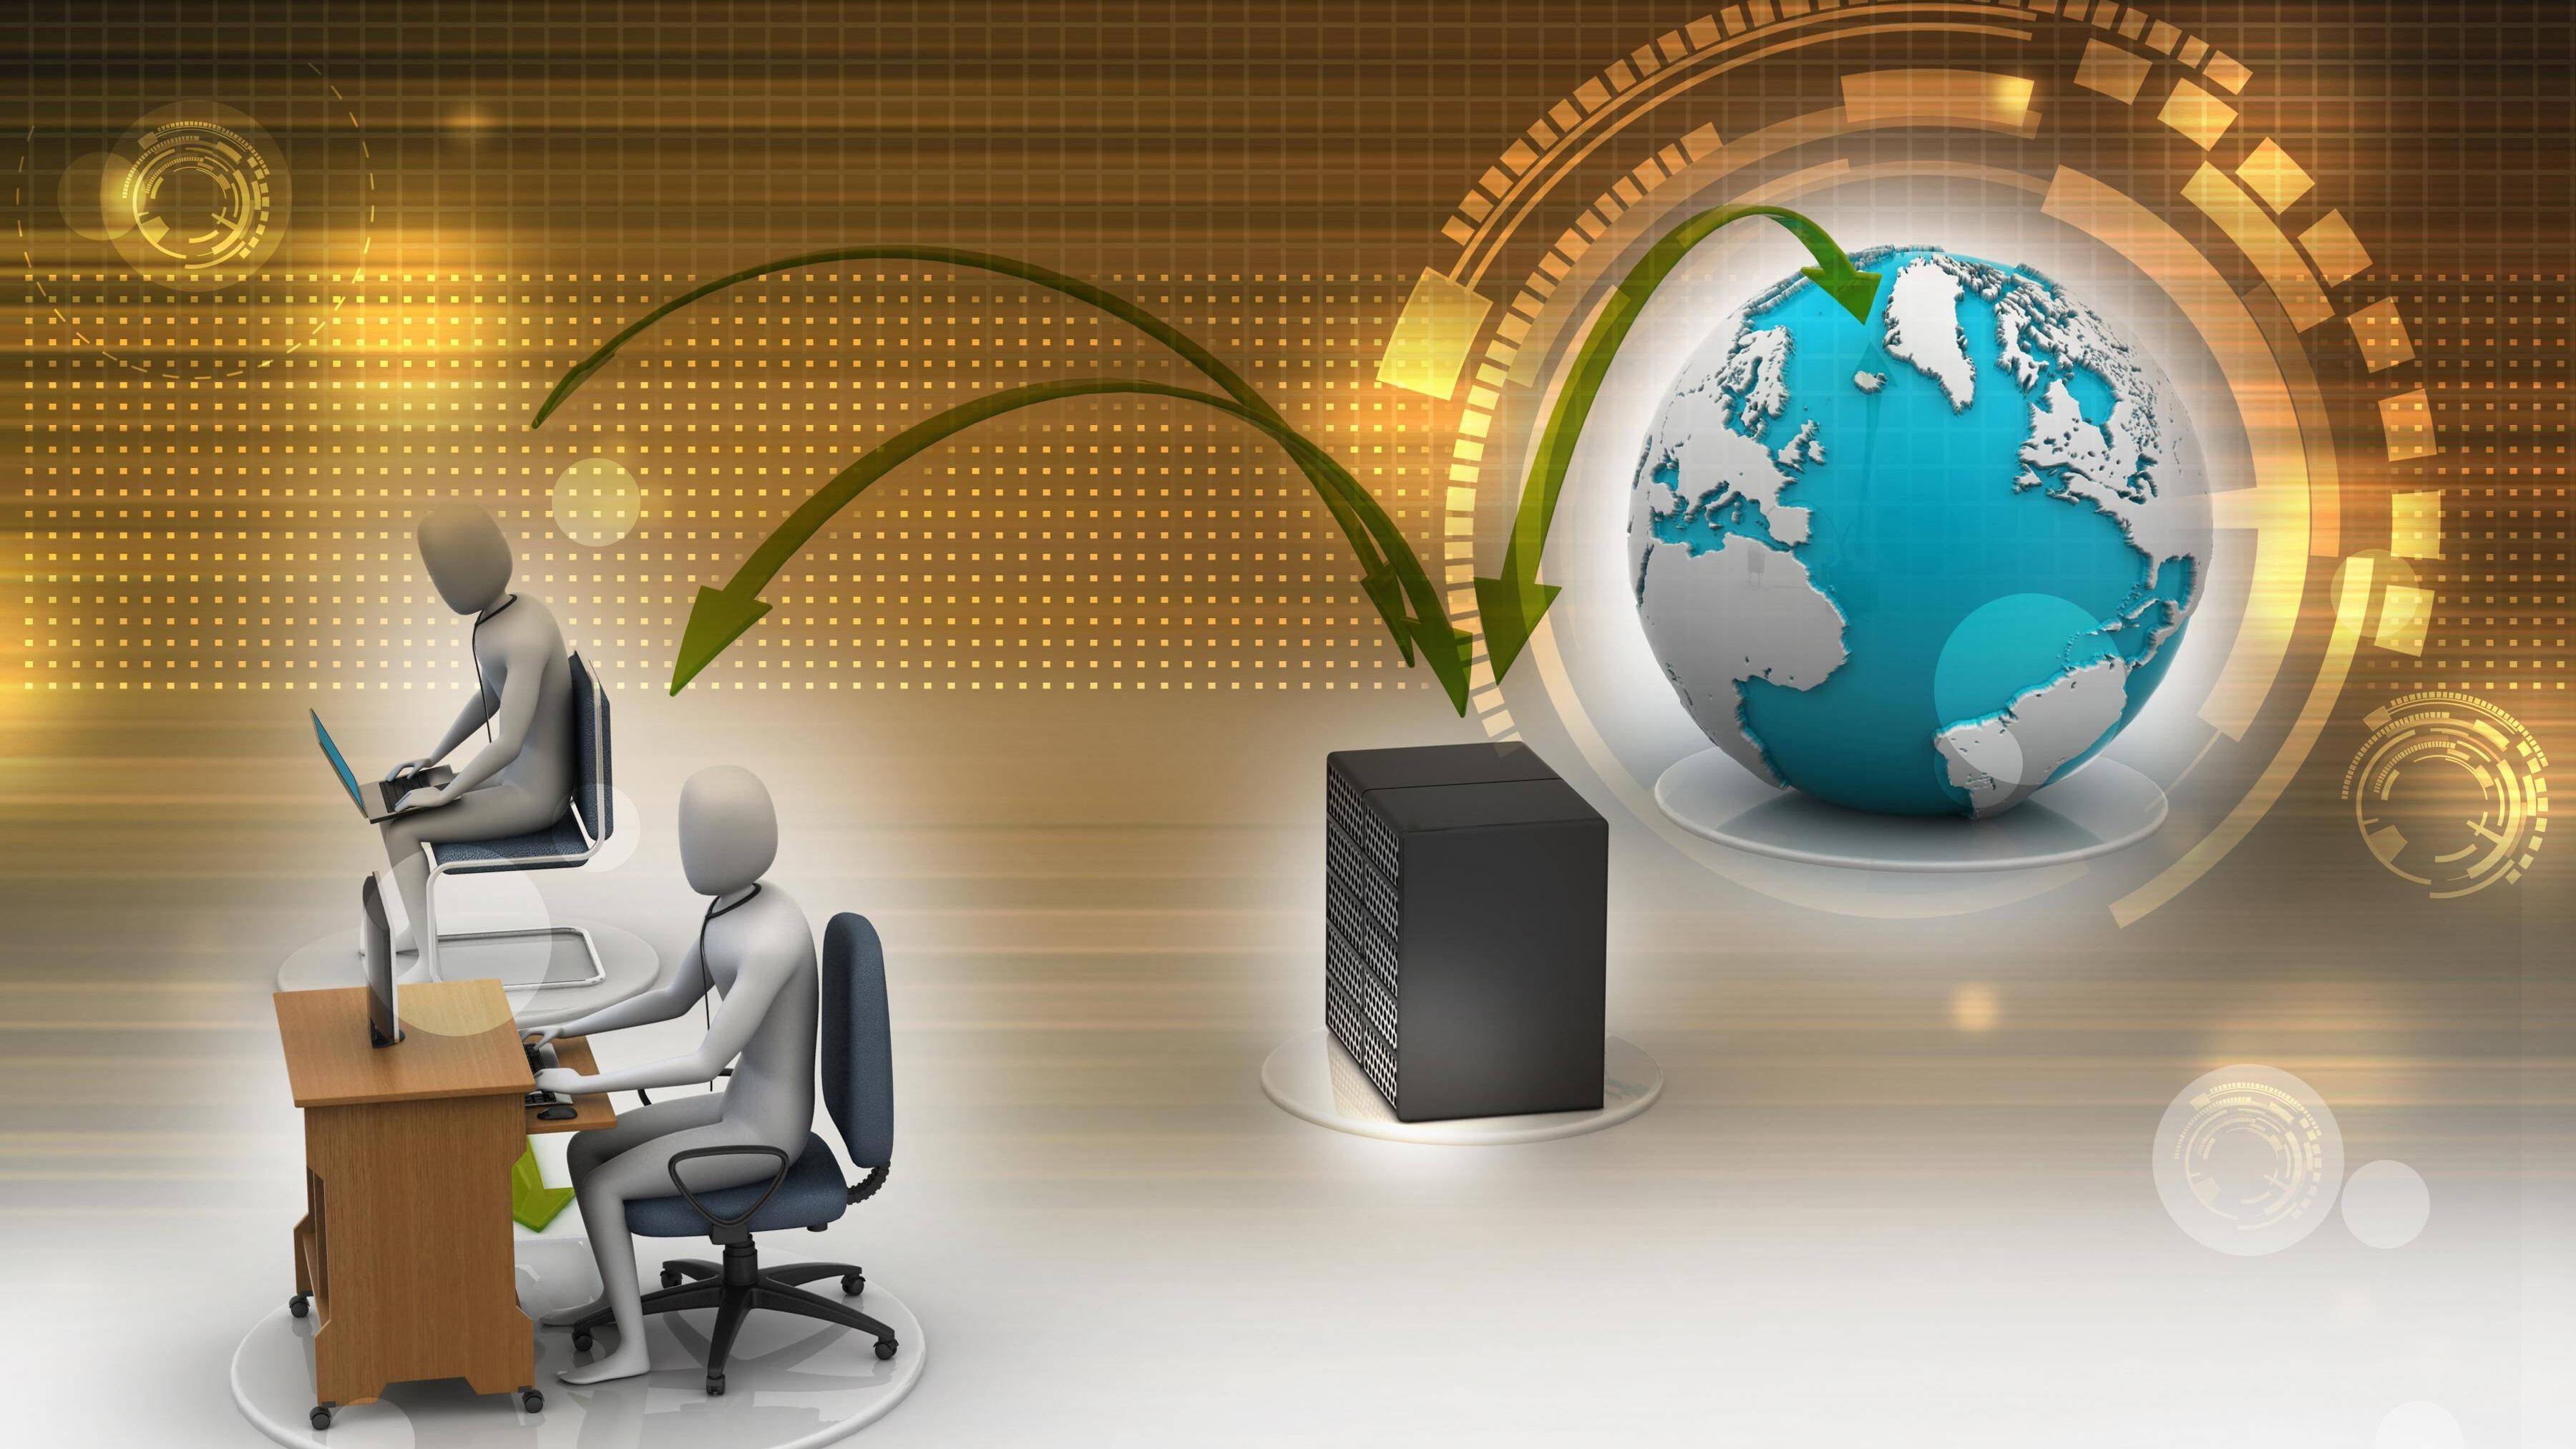 Virtuelle Konferenz: Was das ist und wie es funktioniert